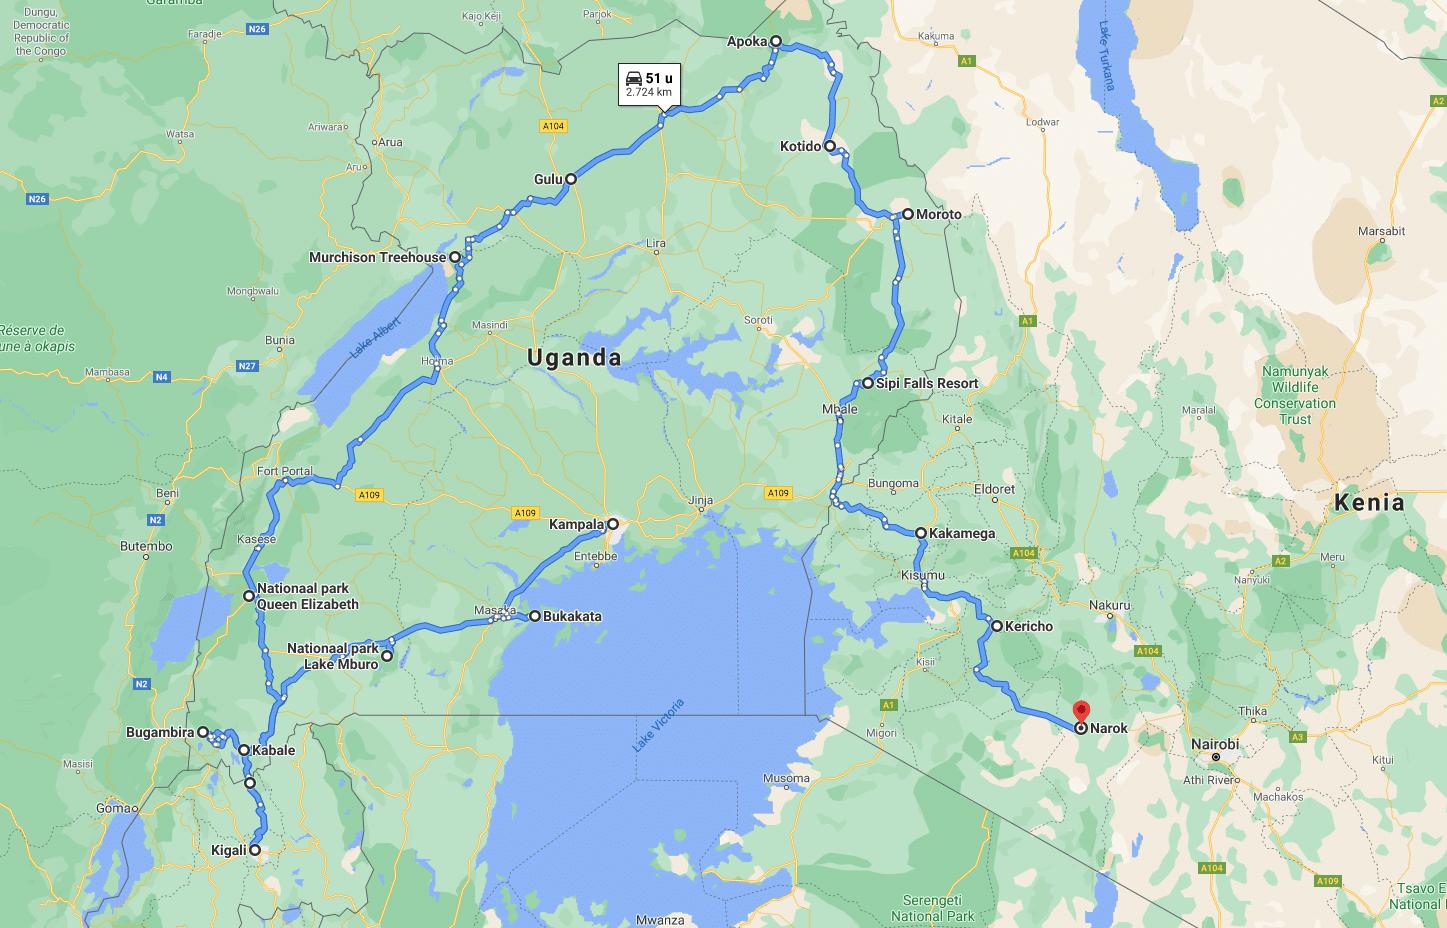 De reisroute door Oost-Afrika op Google Maps